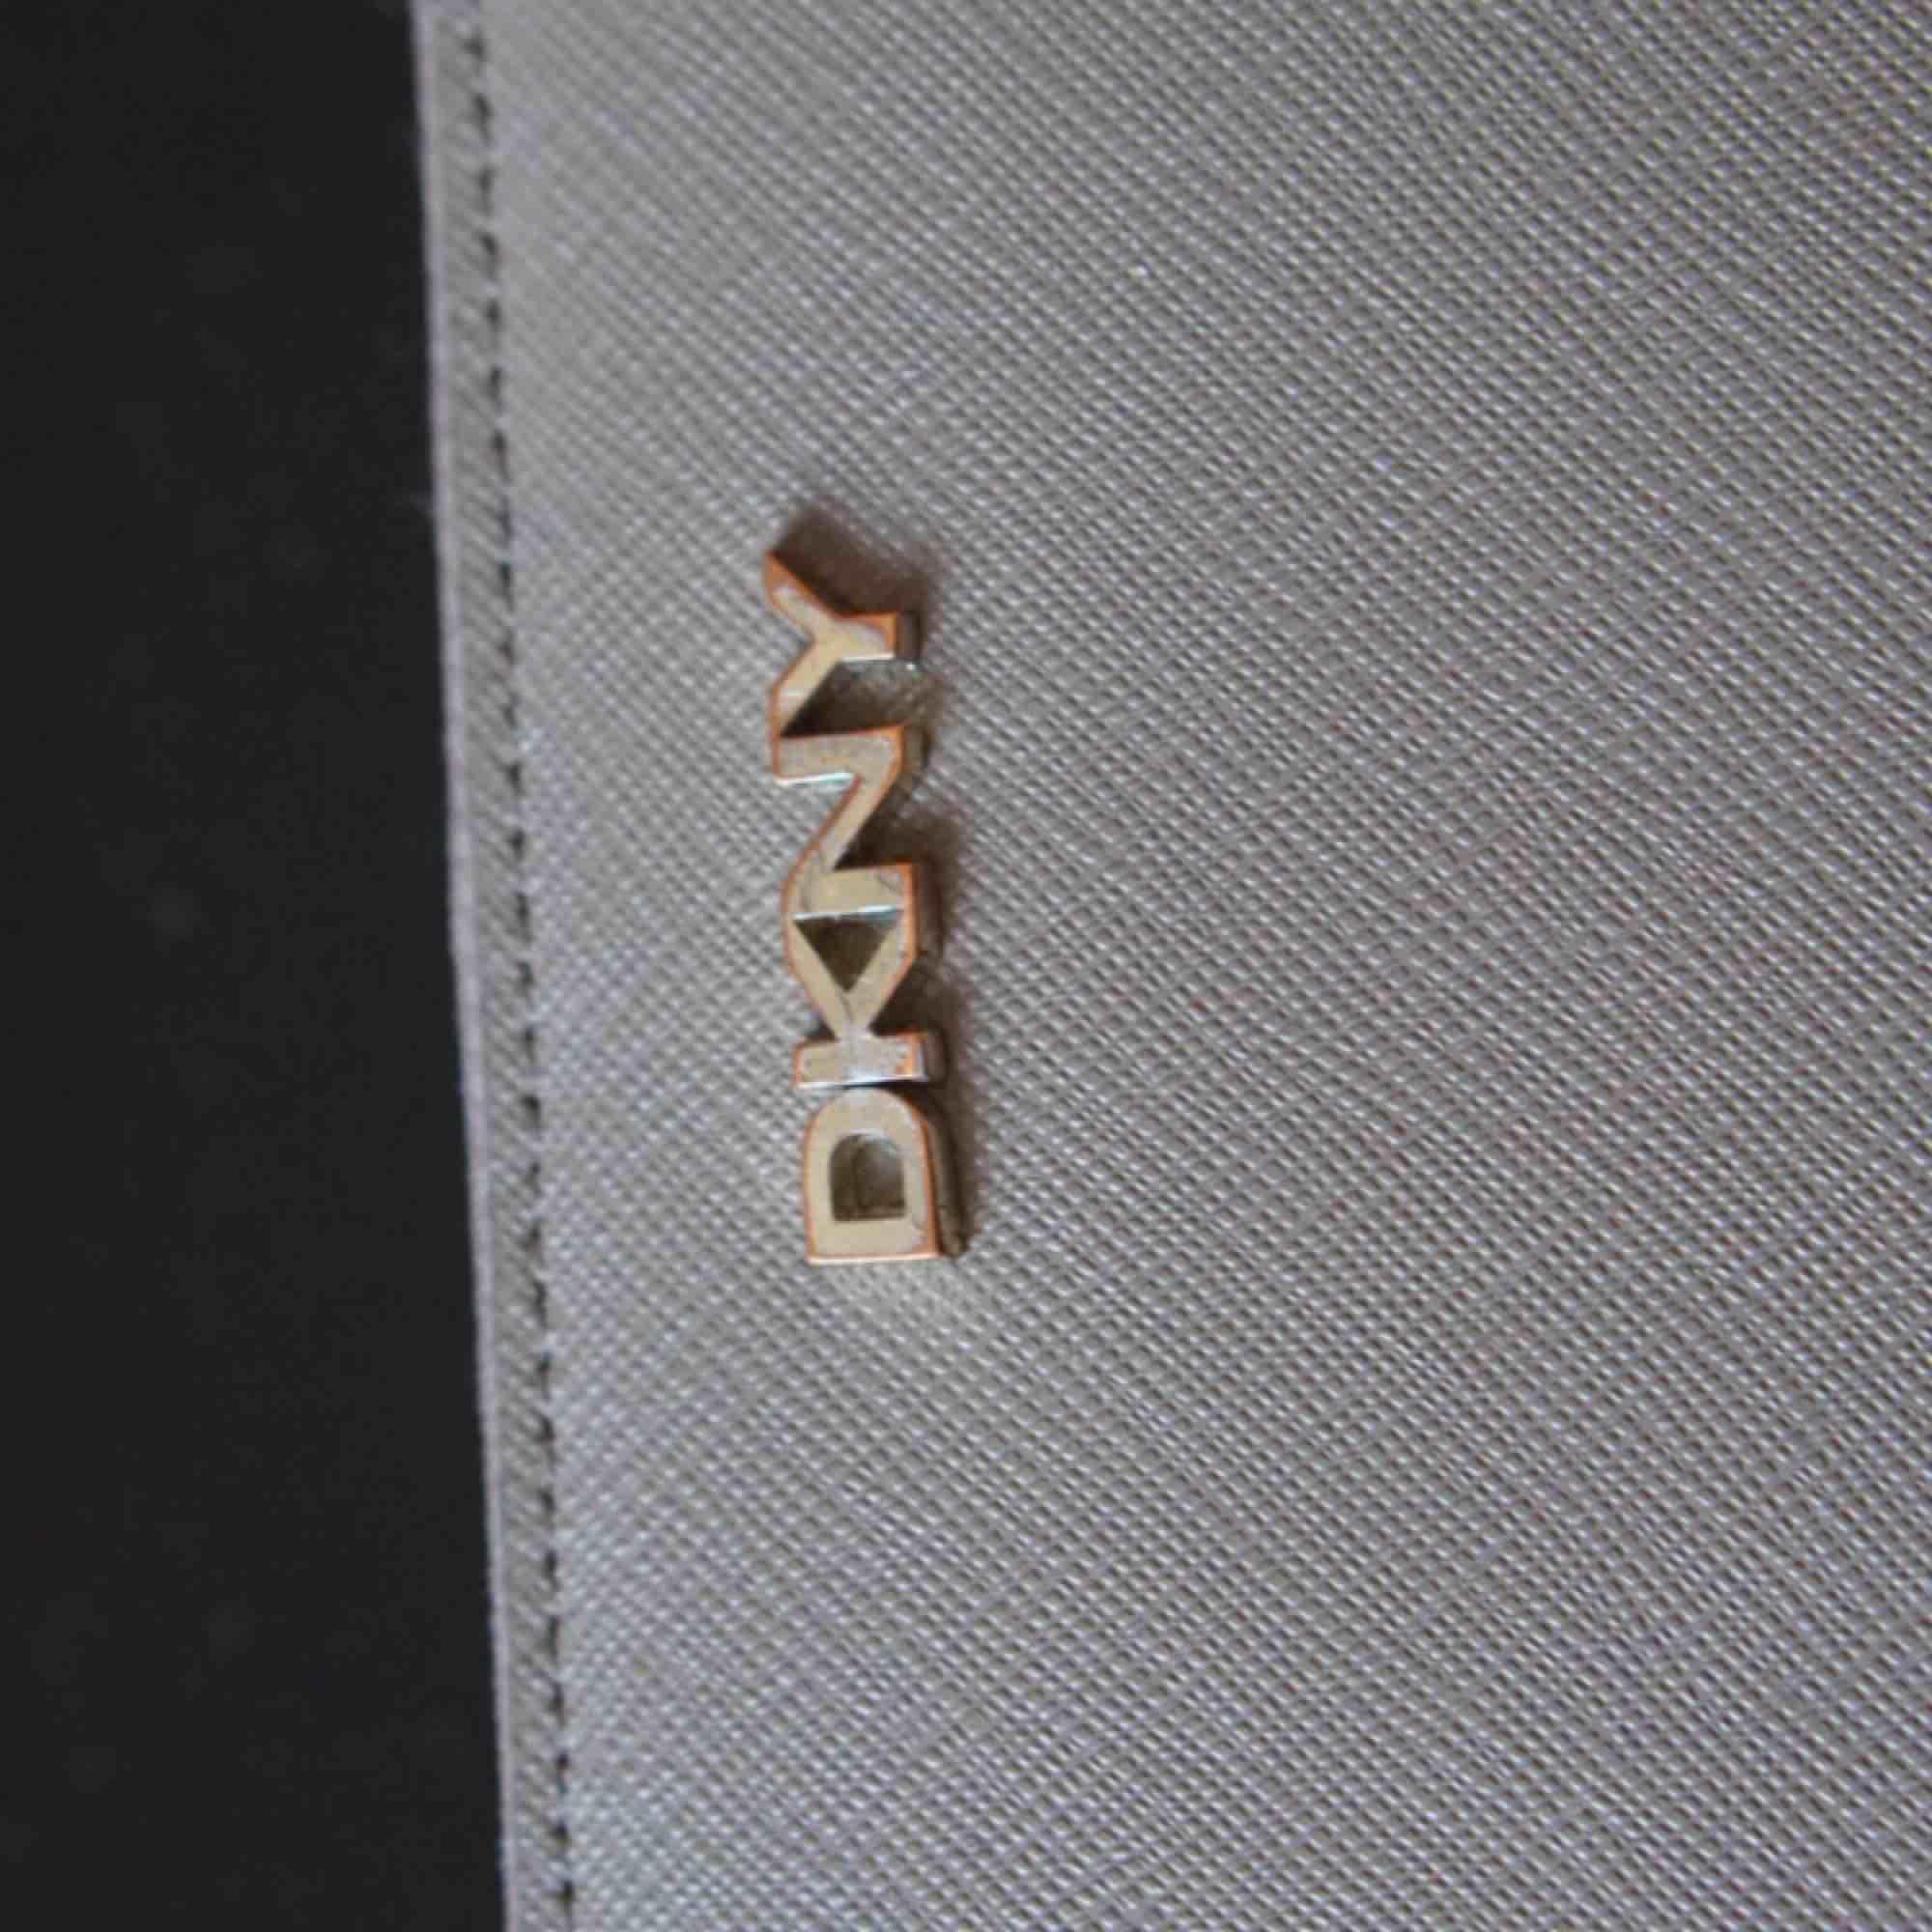 Beige DKNY plånbok. Har ej kvar kvitto, men plånboken är äkta och inköpt i Dubai för antal år sedan. Guldet har börjat tappa sin färg, men är i  399 kr ex frakt eller mötas i Stockholm för 399 kr.  Varan finns på andra köp och sälj sidor 🌟. Accessoarer.